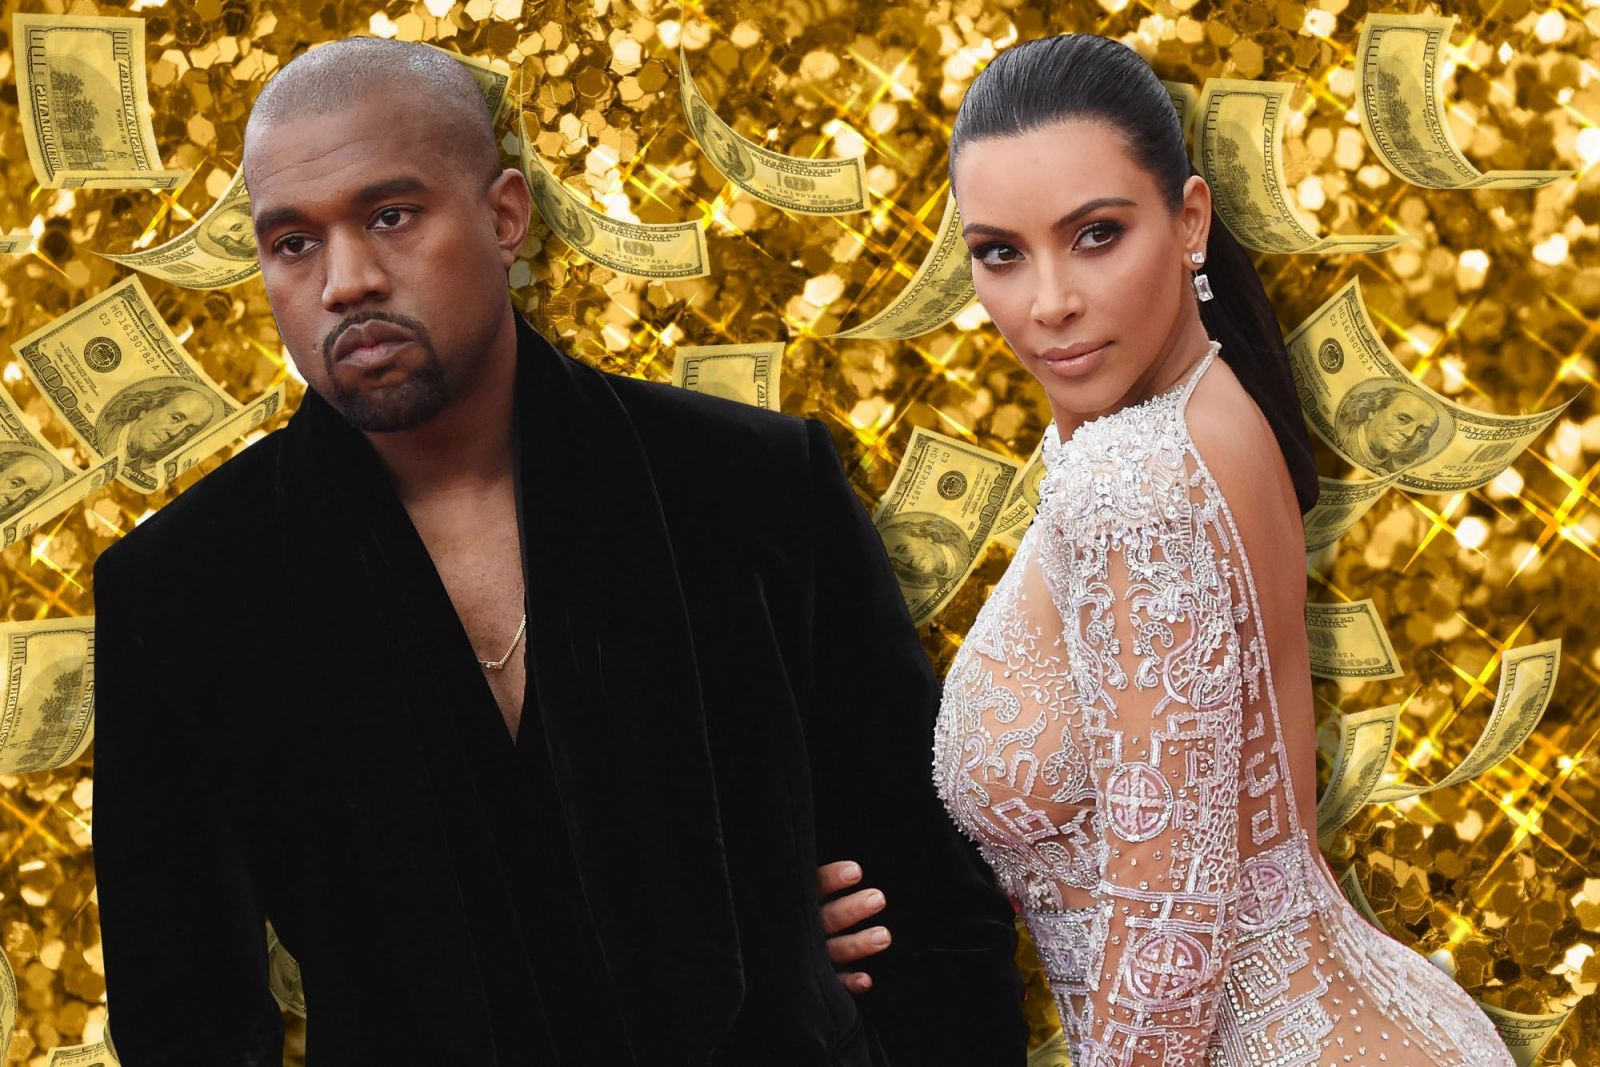 West và vợ cũ Kim Kardashian